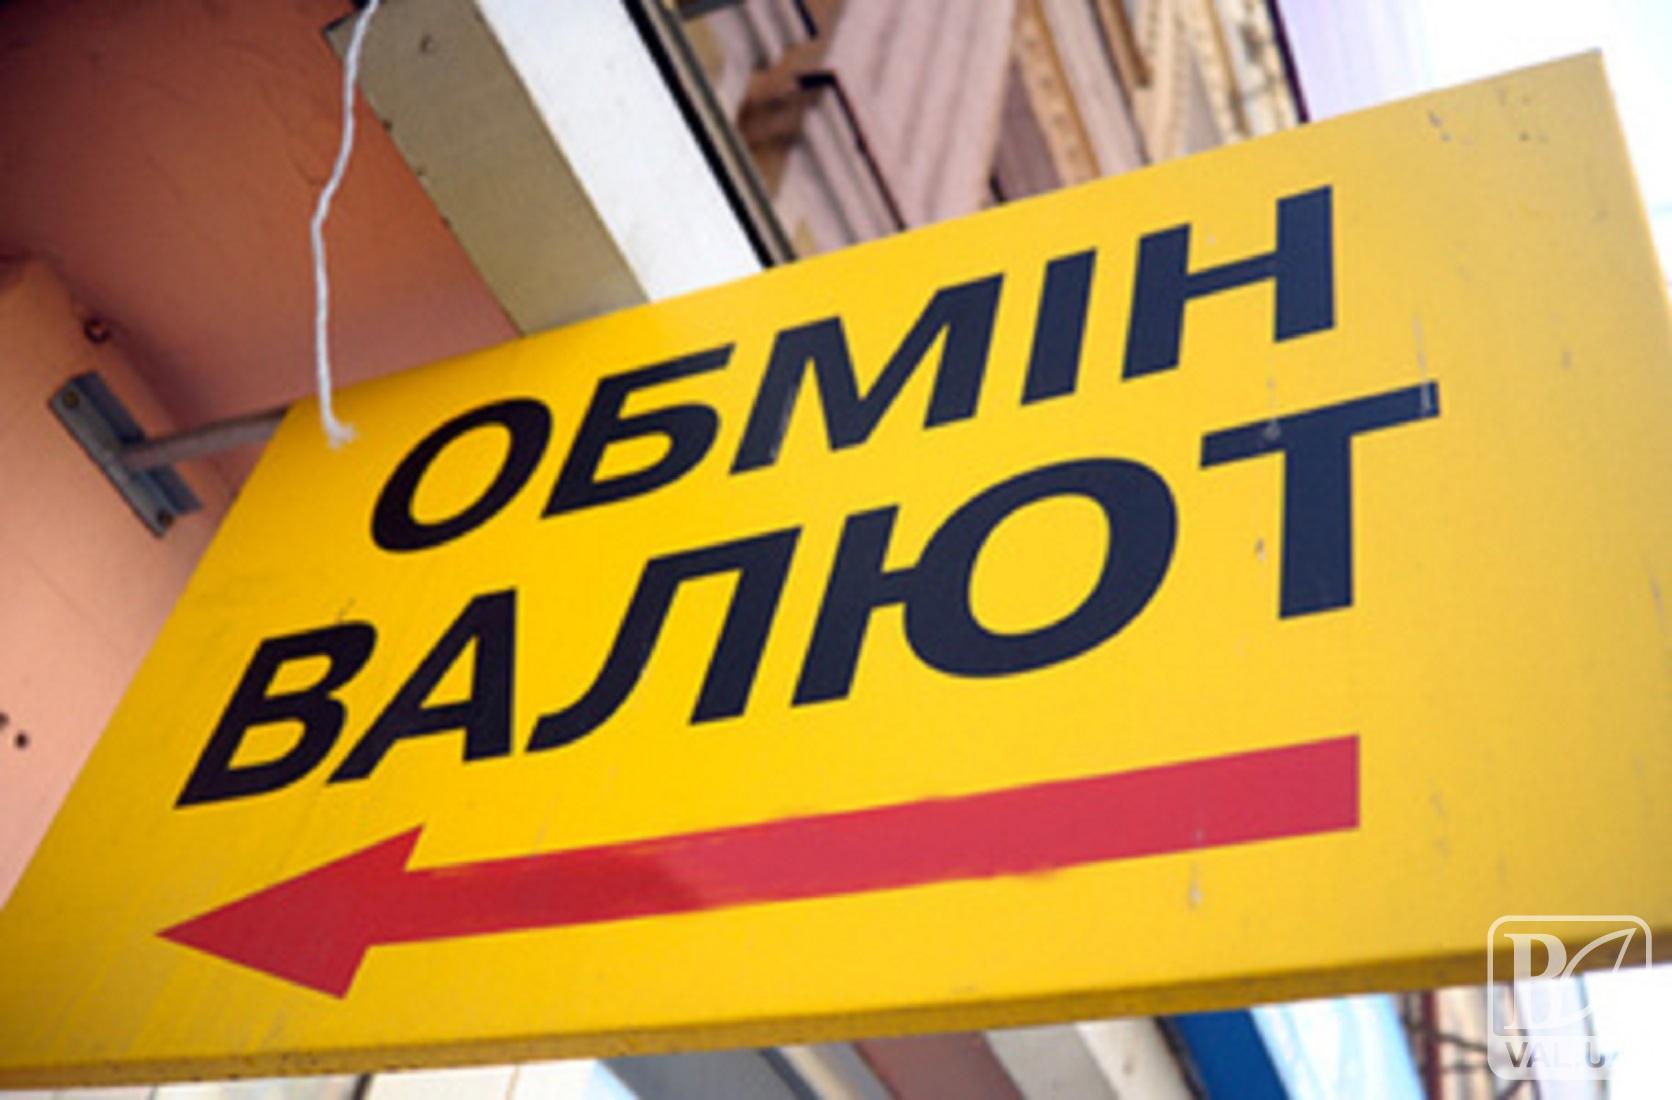 Юнак з Чернігівщини разом зі спільниками відкрив у столиці фейковий обмін валют і «заробив» майже 4 млн гривень